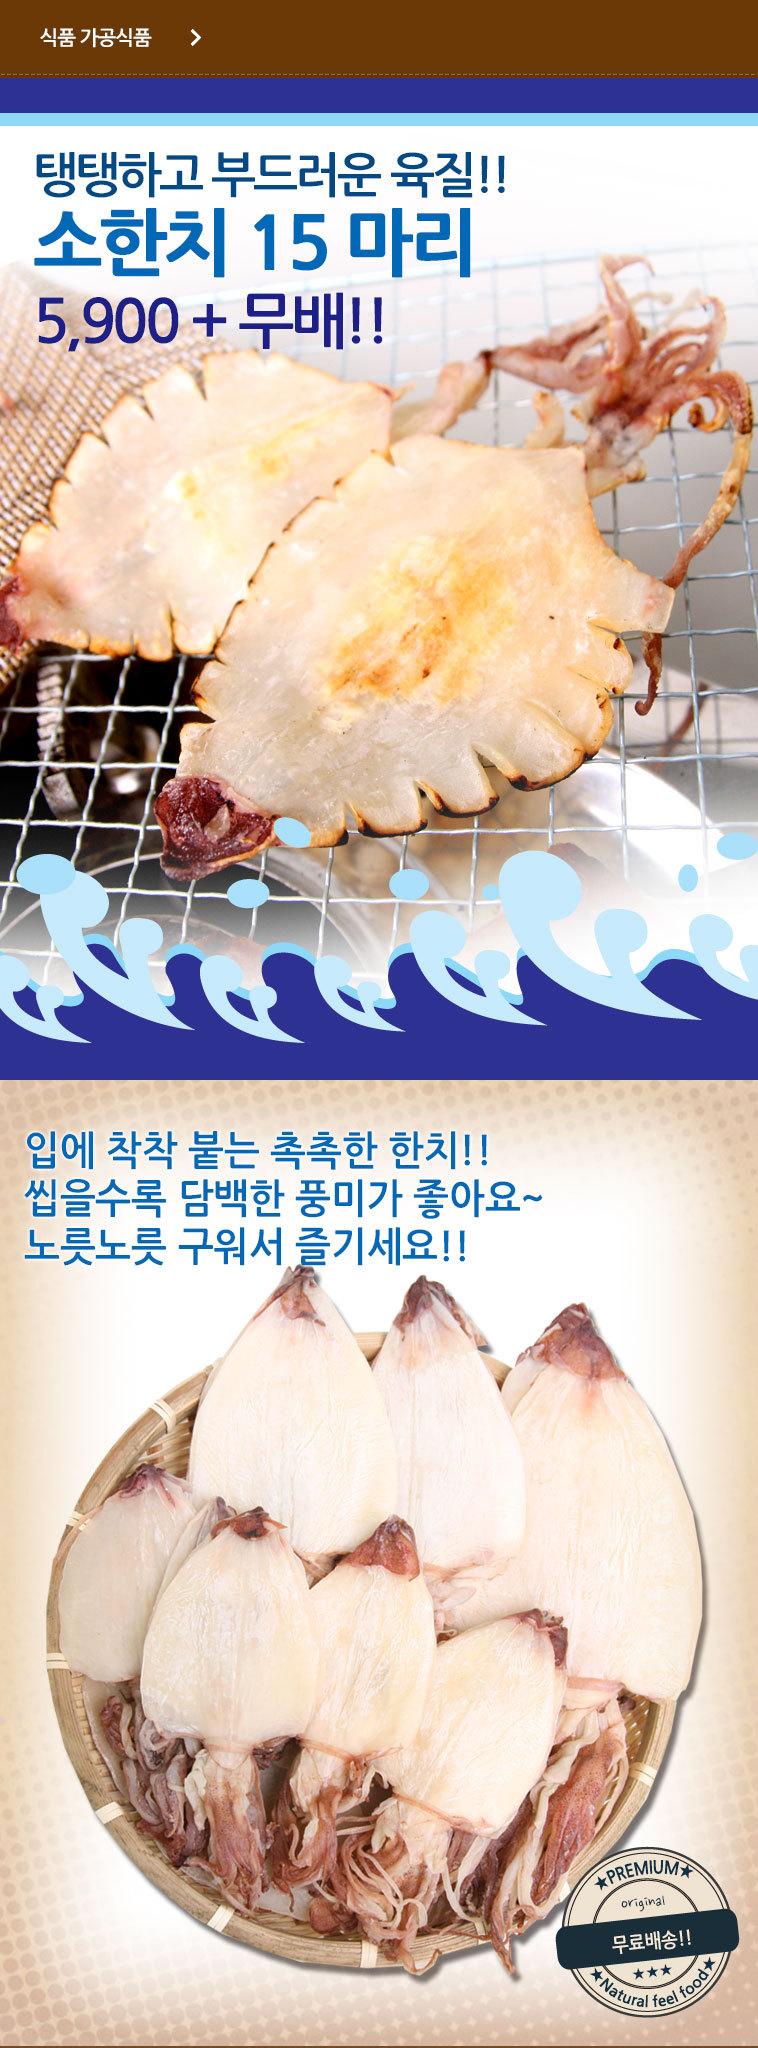 [투데이특가]소한치 15마리 - 상세정보